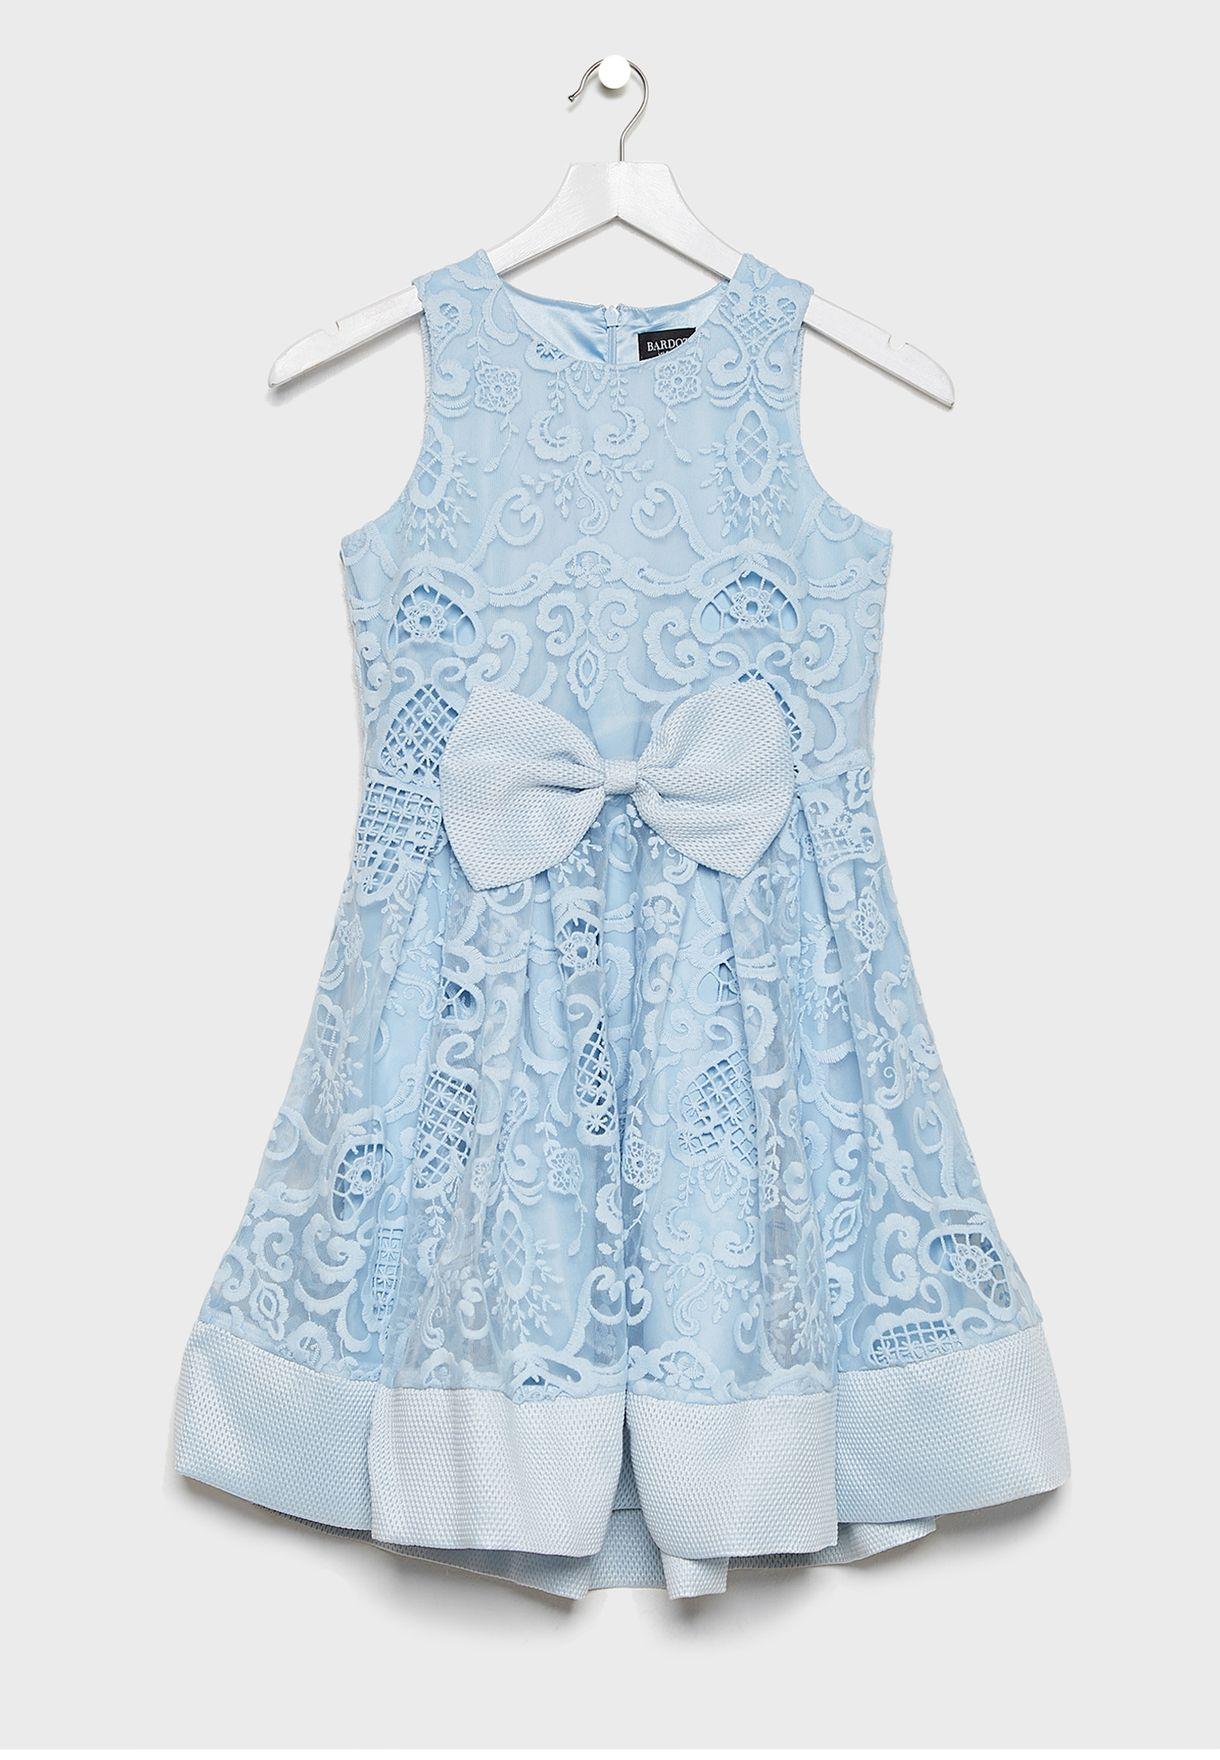 Teen Scarlet Dress